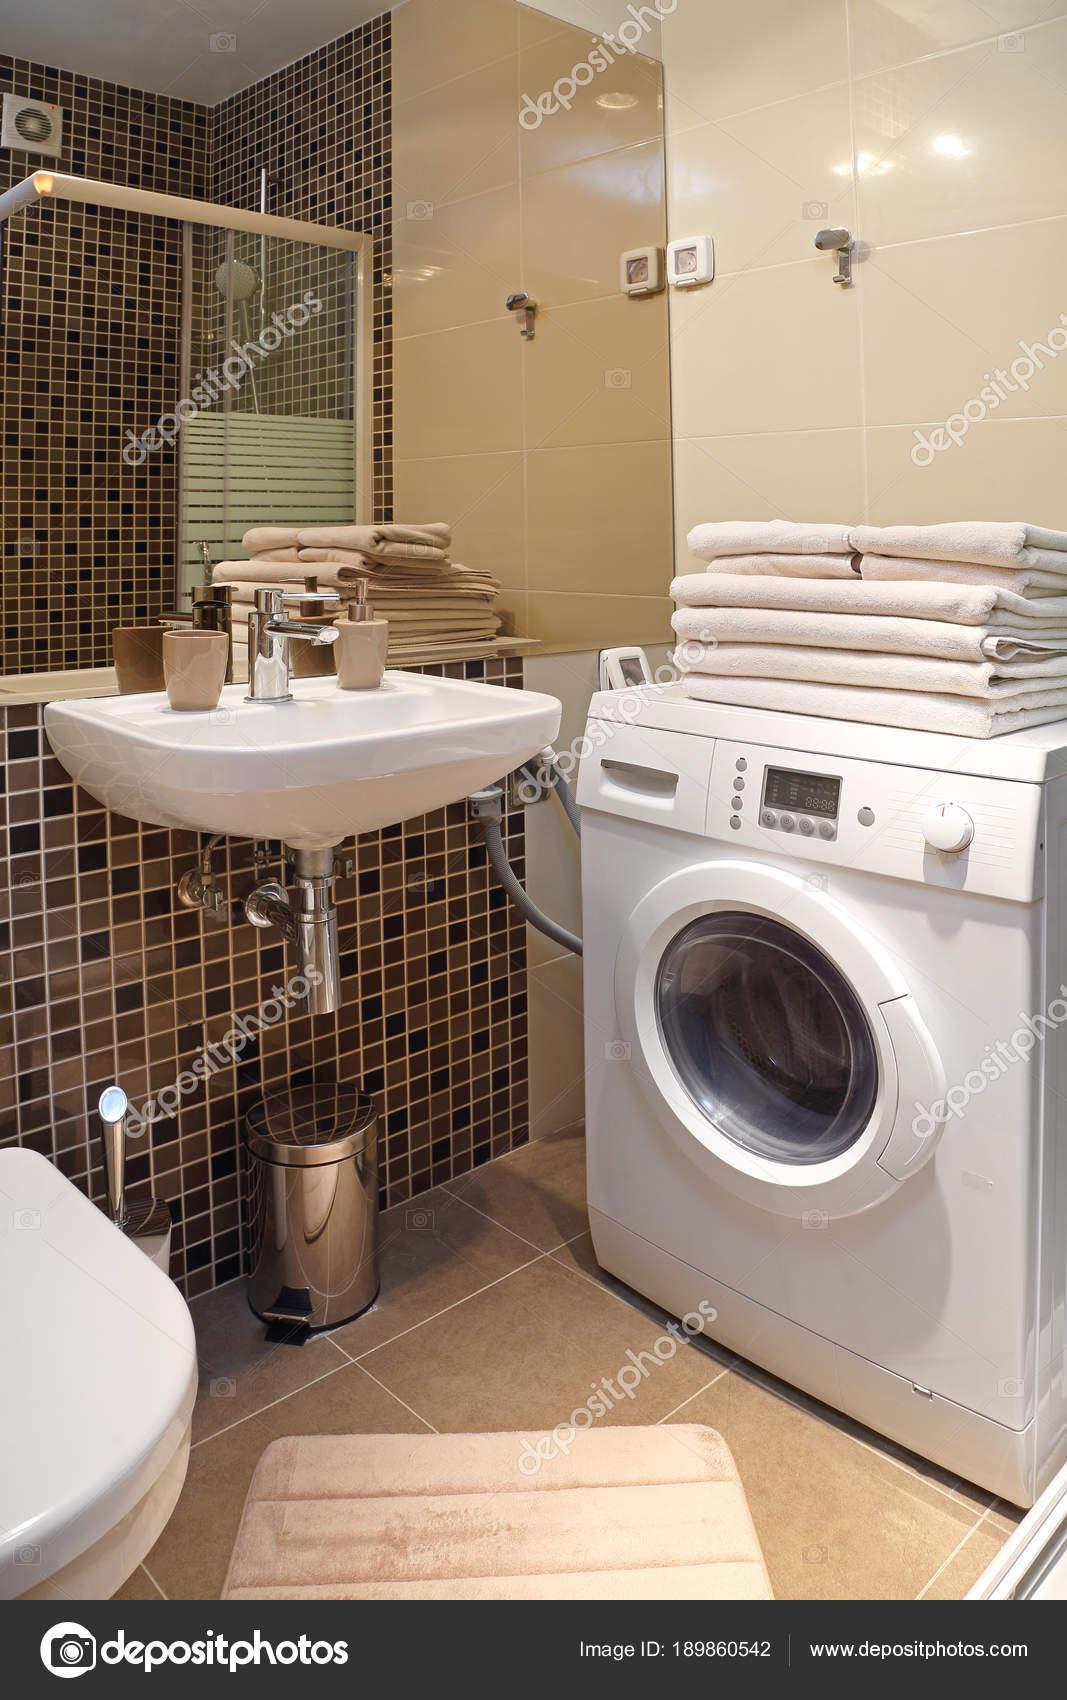 Deboucher Salle De Bain Bicarbonate ~ salle de bains moderne avec machine laver photographie baloncici